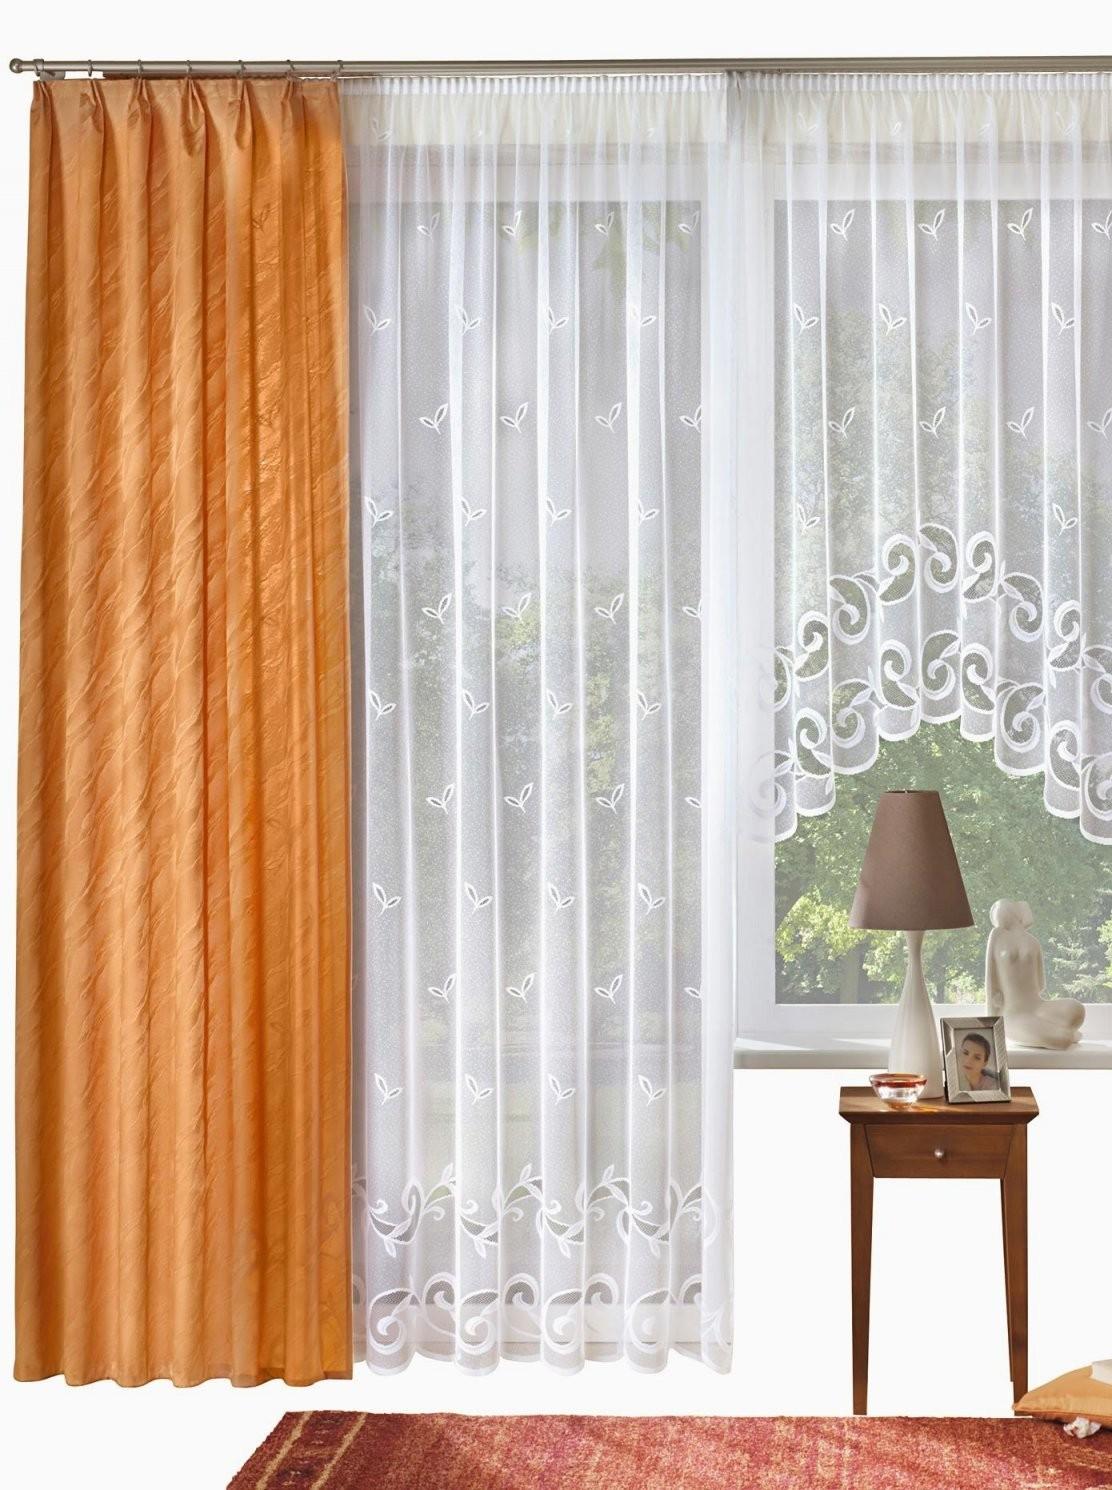 Gardinen Mit Kräuselband Aufhängen Ideal Elegante Gardinen Mit von Gardinen Mit Kräuselband Aufhängen Bild